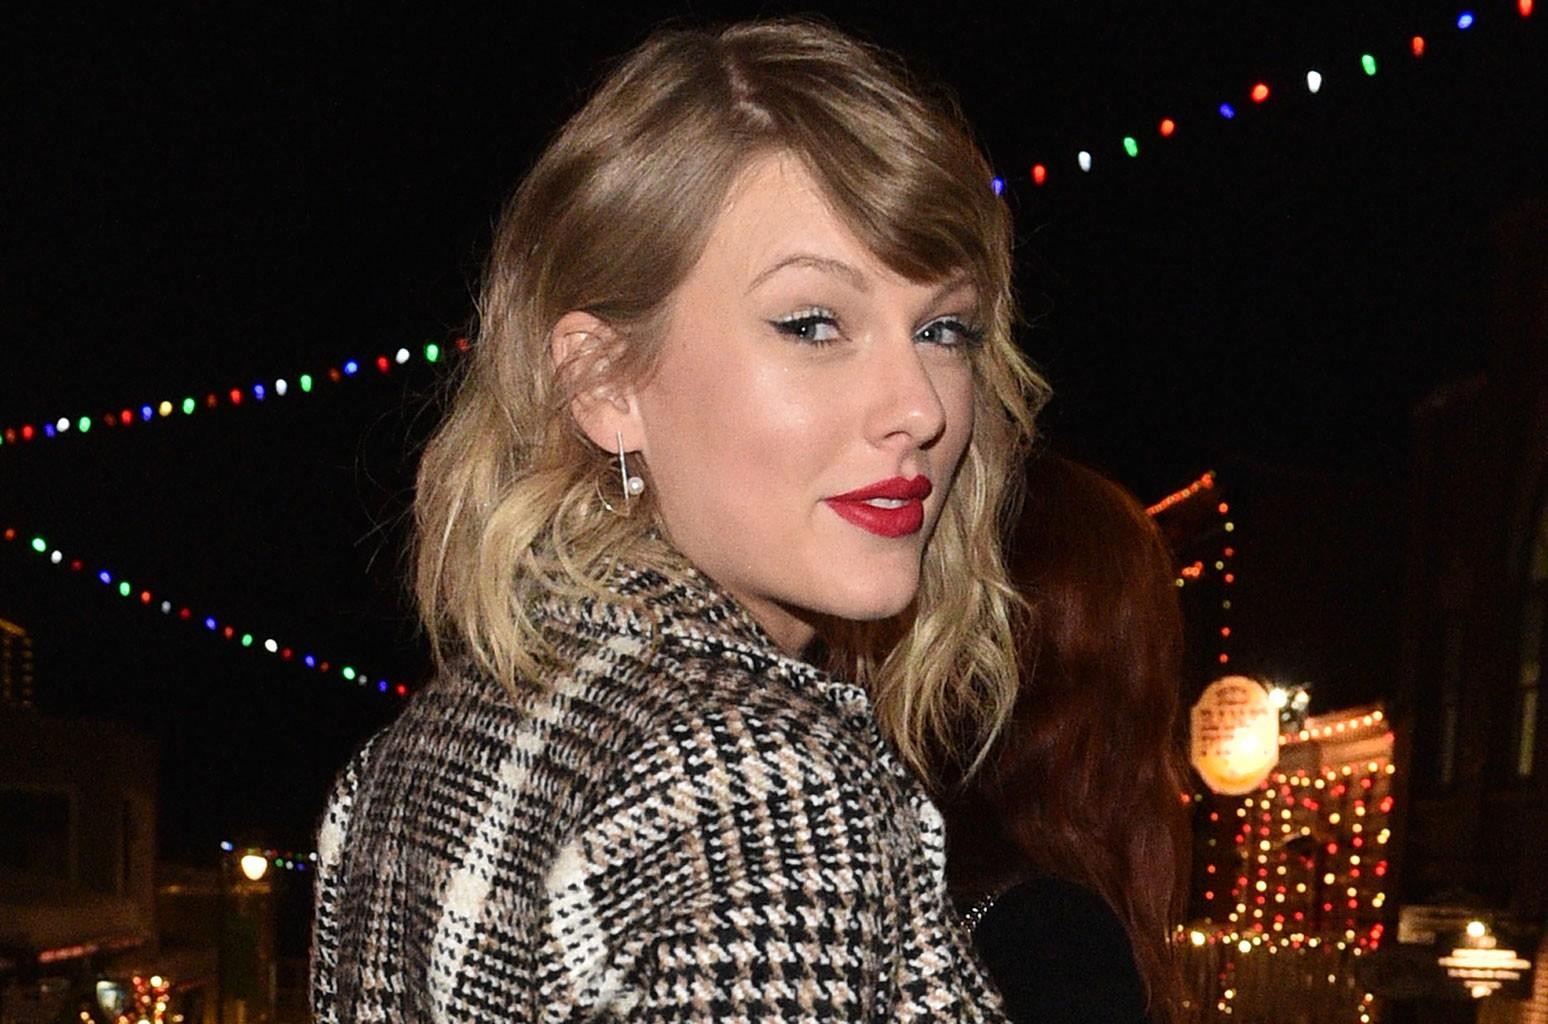 « Evermore » Тейлор Свифт выходит на первое место в австралийском чарте альбомов